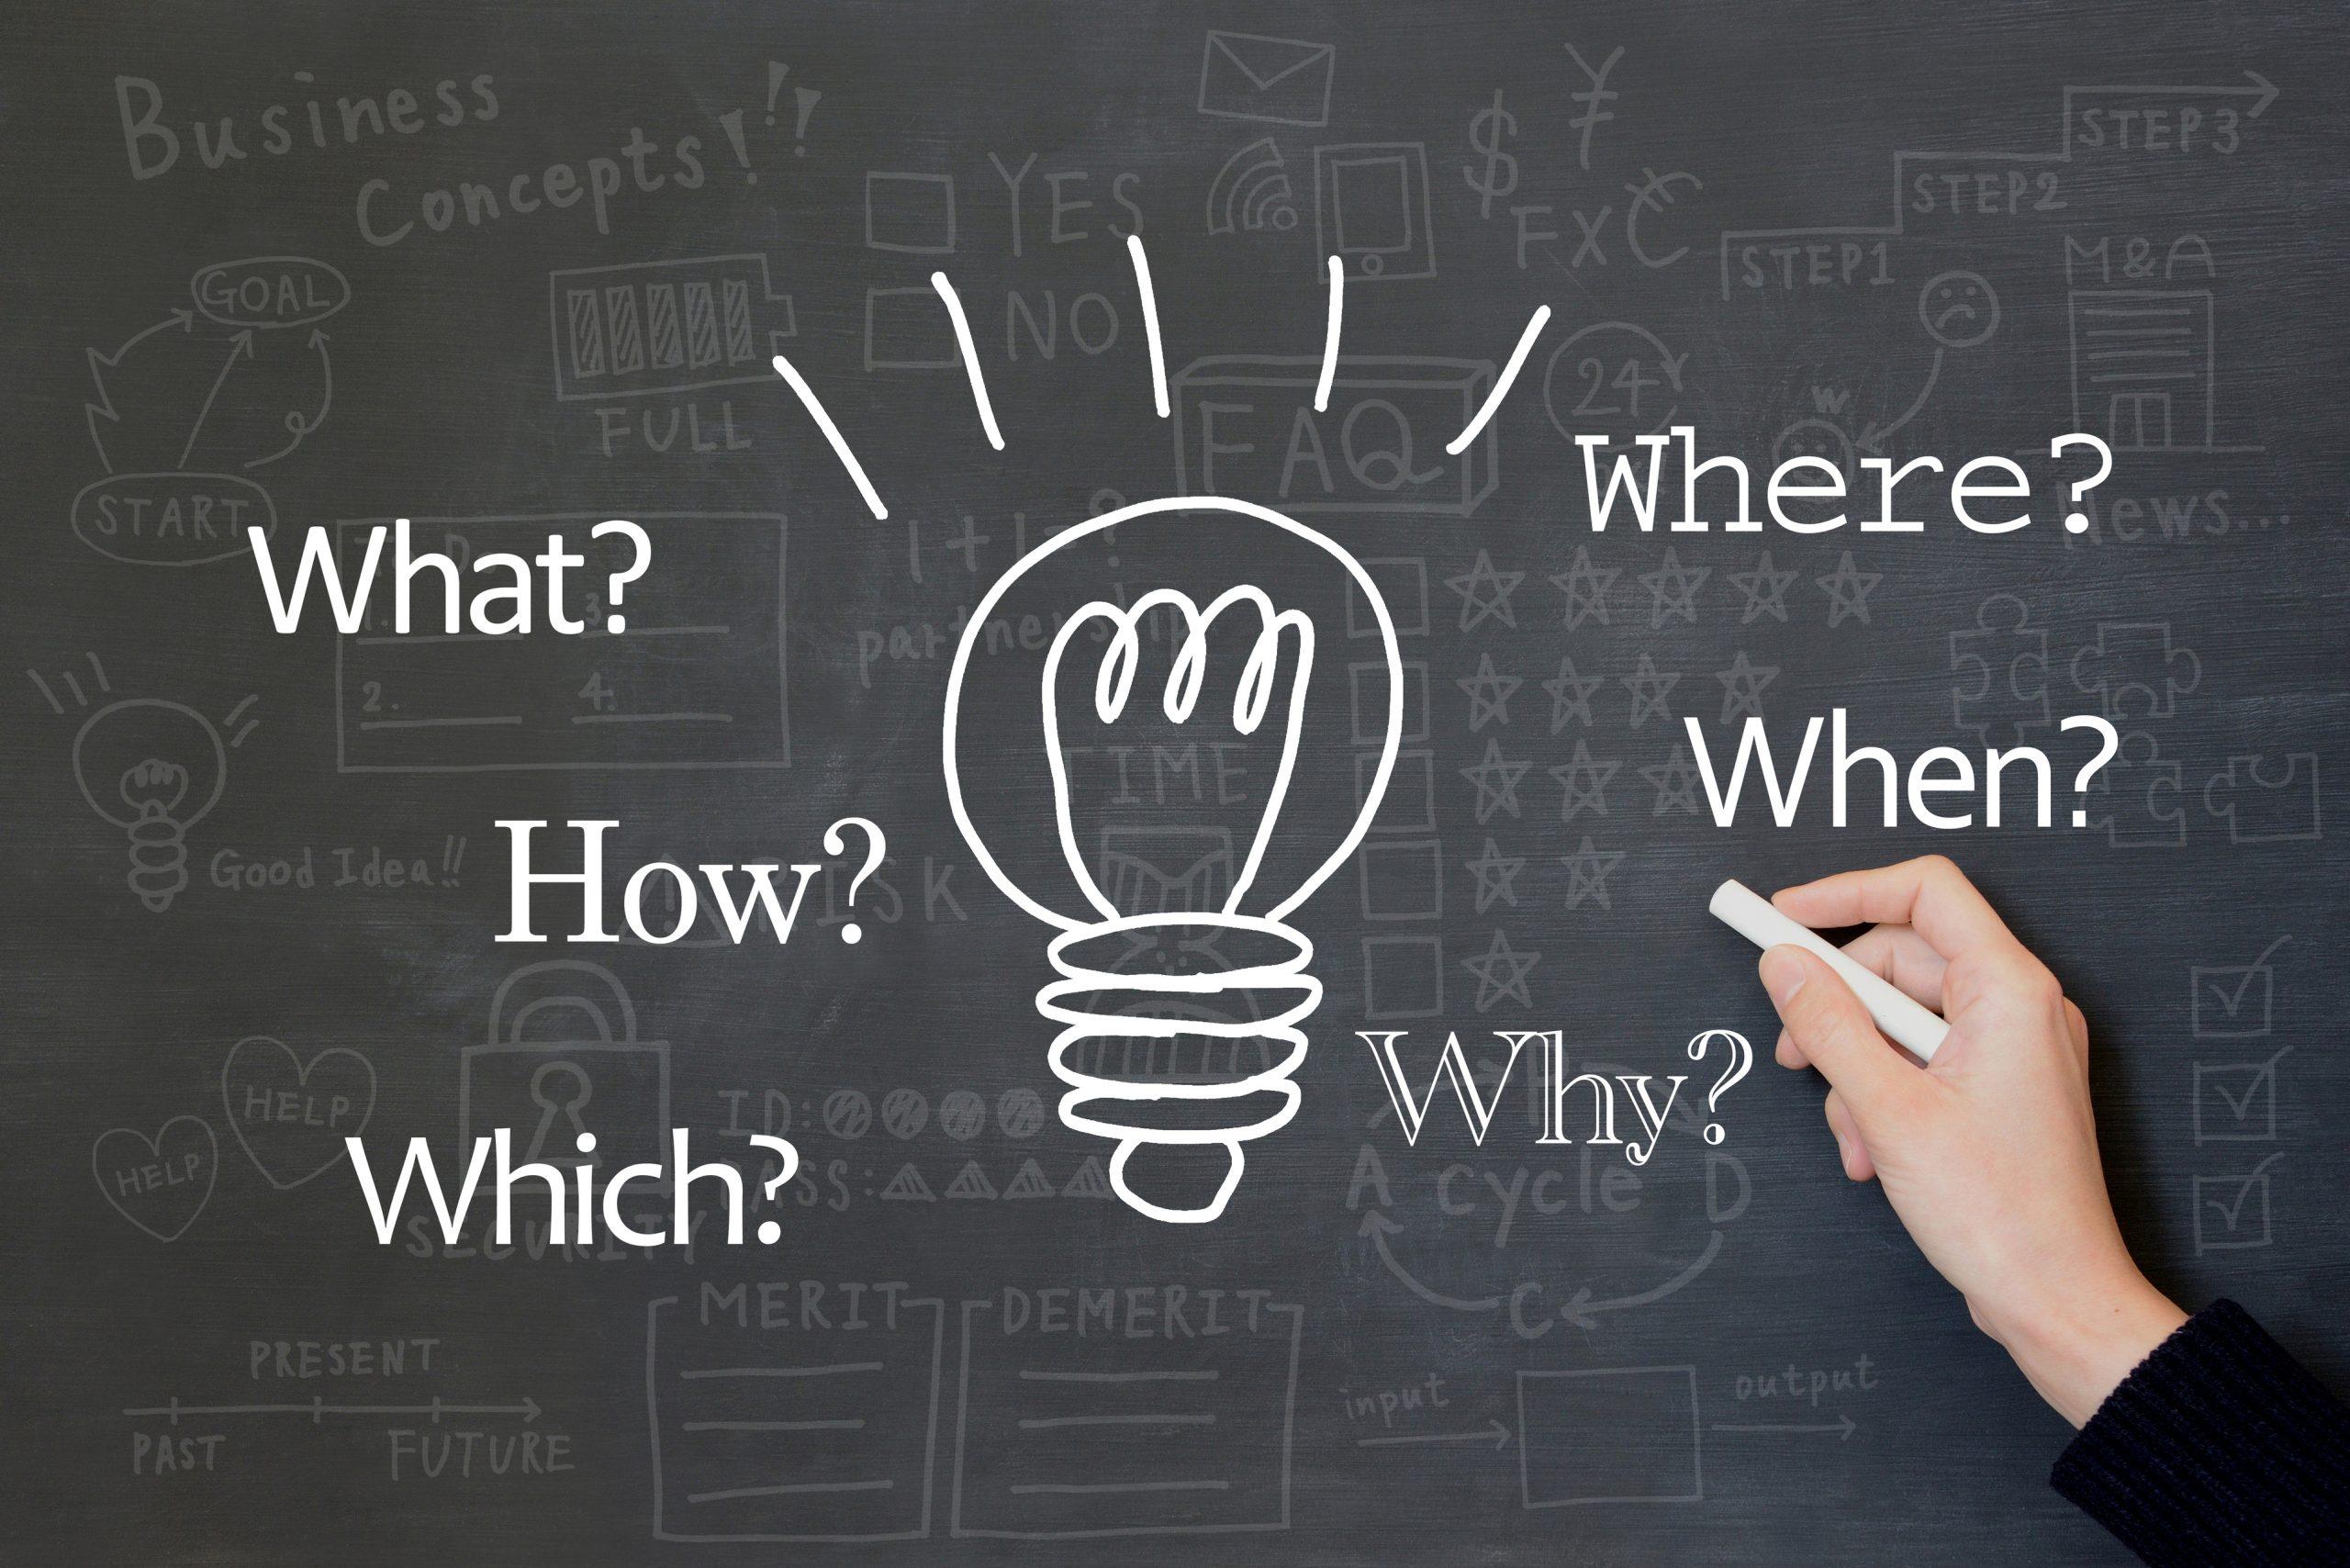 仕事霊視占い 行き詰まりを感じる…転職すべき?昇進はある?